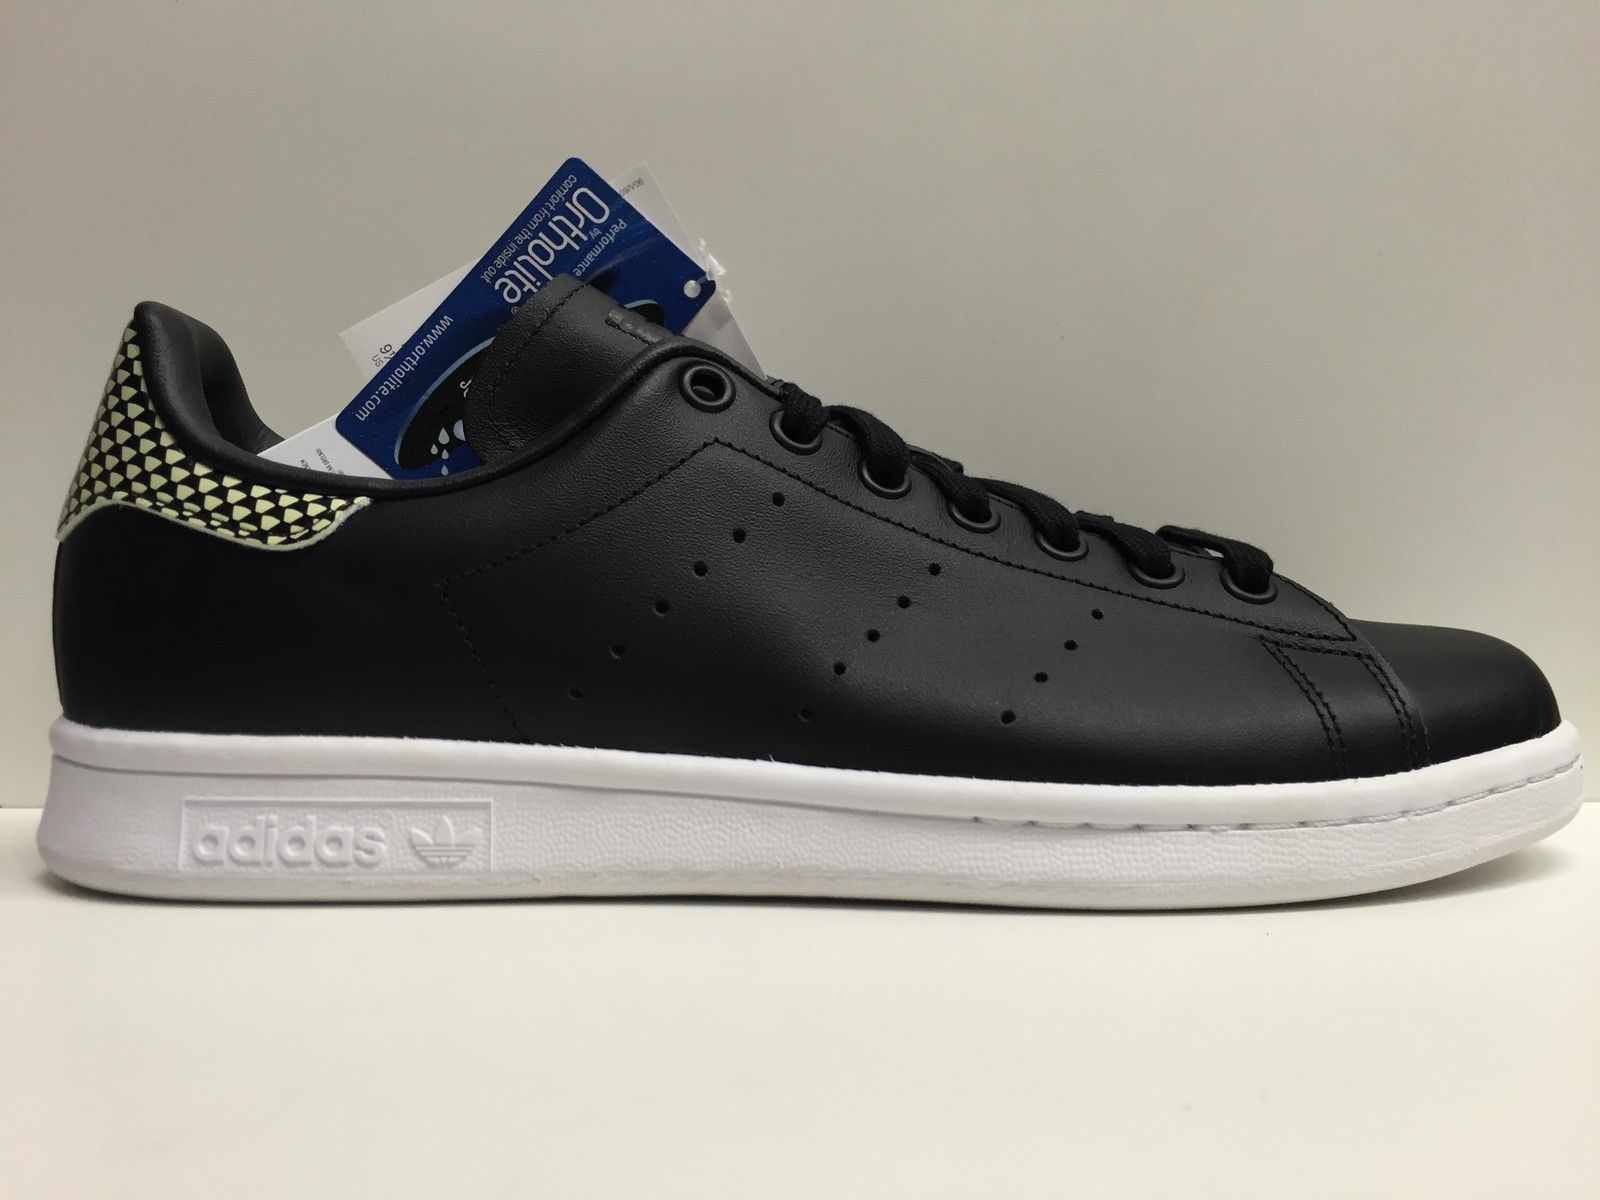 Stan Leather Scarpe Uomo Pelle Shoes Adidas Smith S75318 A Originali wx7w0fHCtq